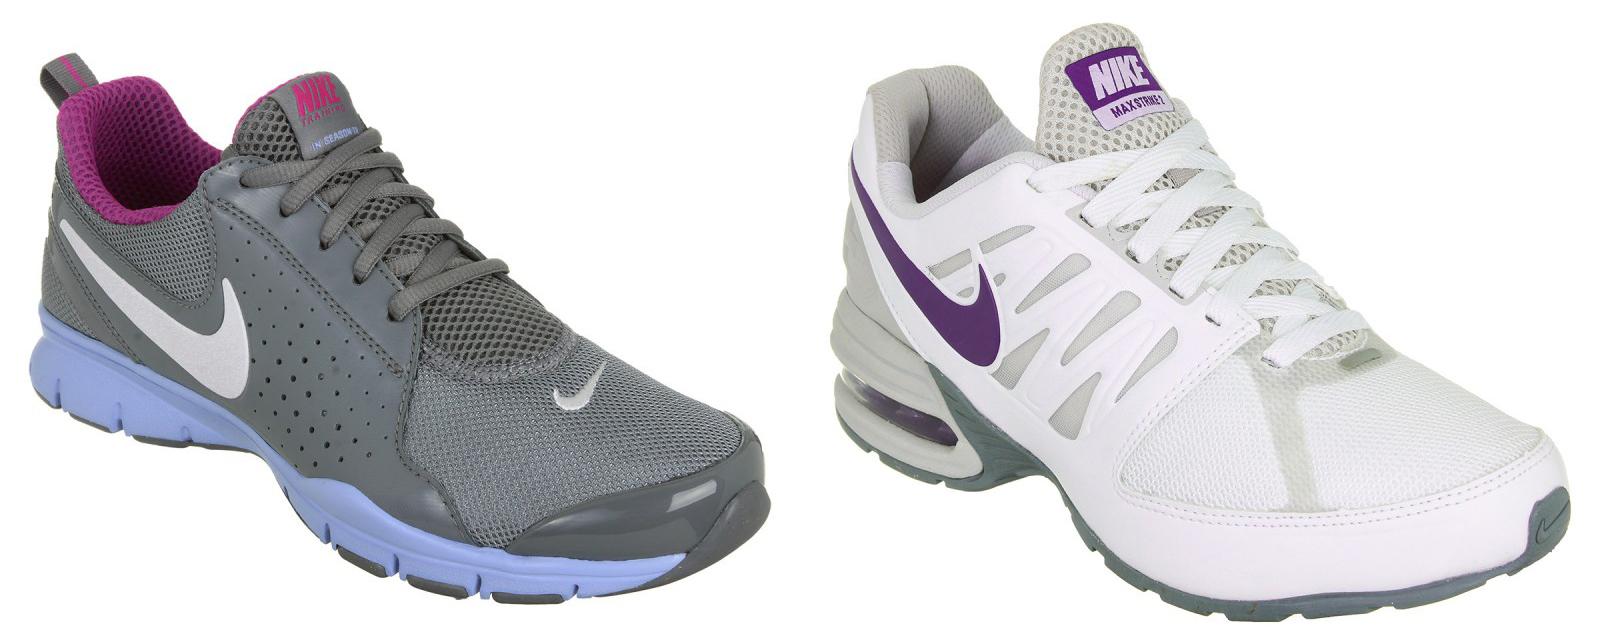 ade23459c68 Tênis Nike feminino - World Tennis - Tênis